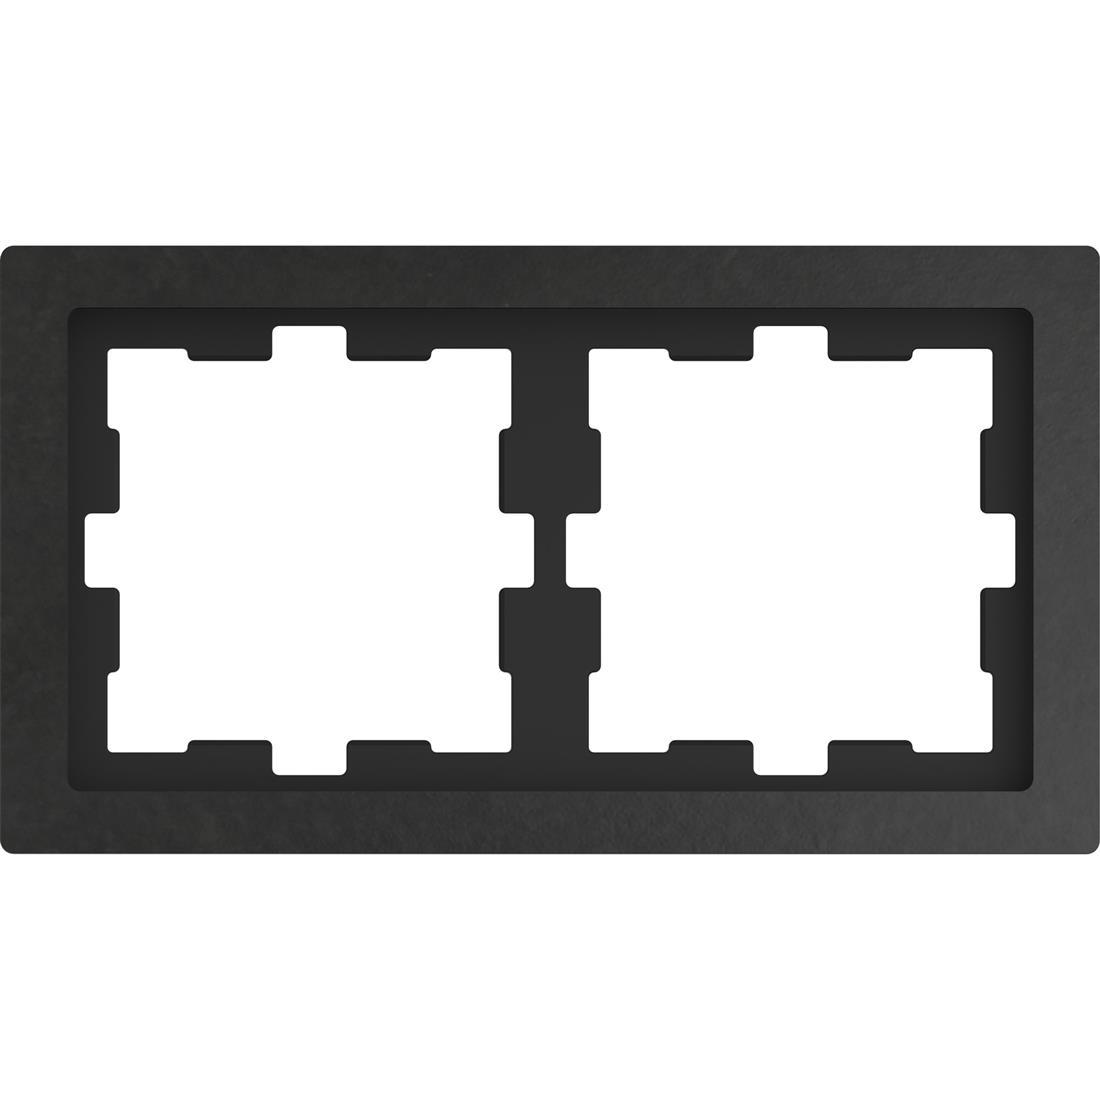 Schneider-Merten D Life afdekraam 2-voudig - steen antraciet (MTN4020-6547)